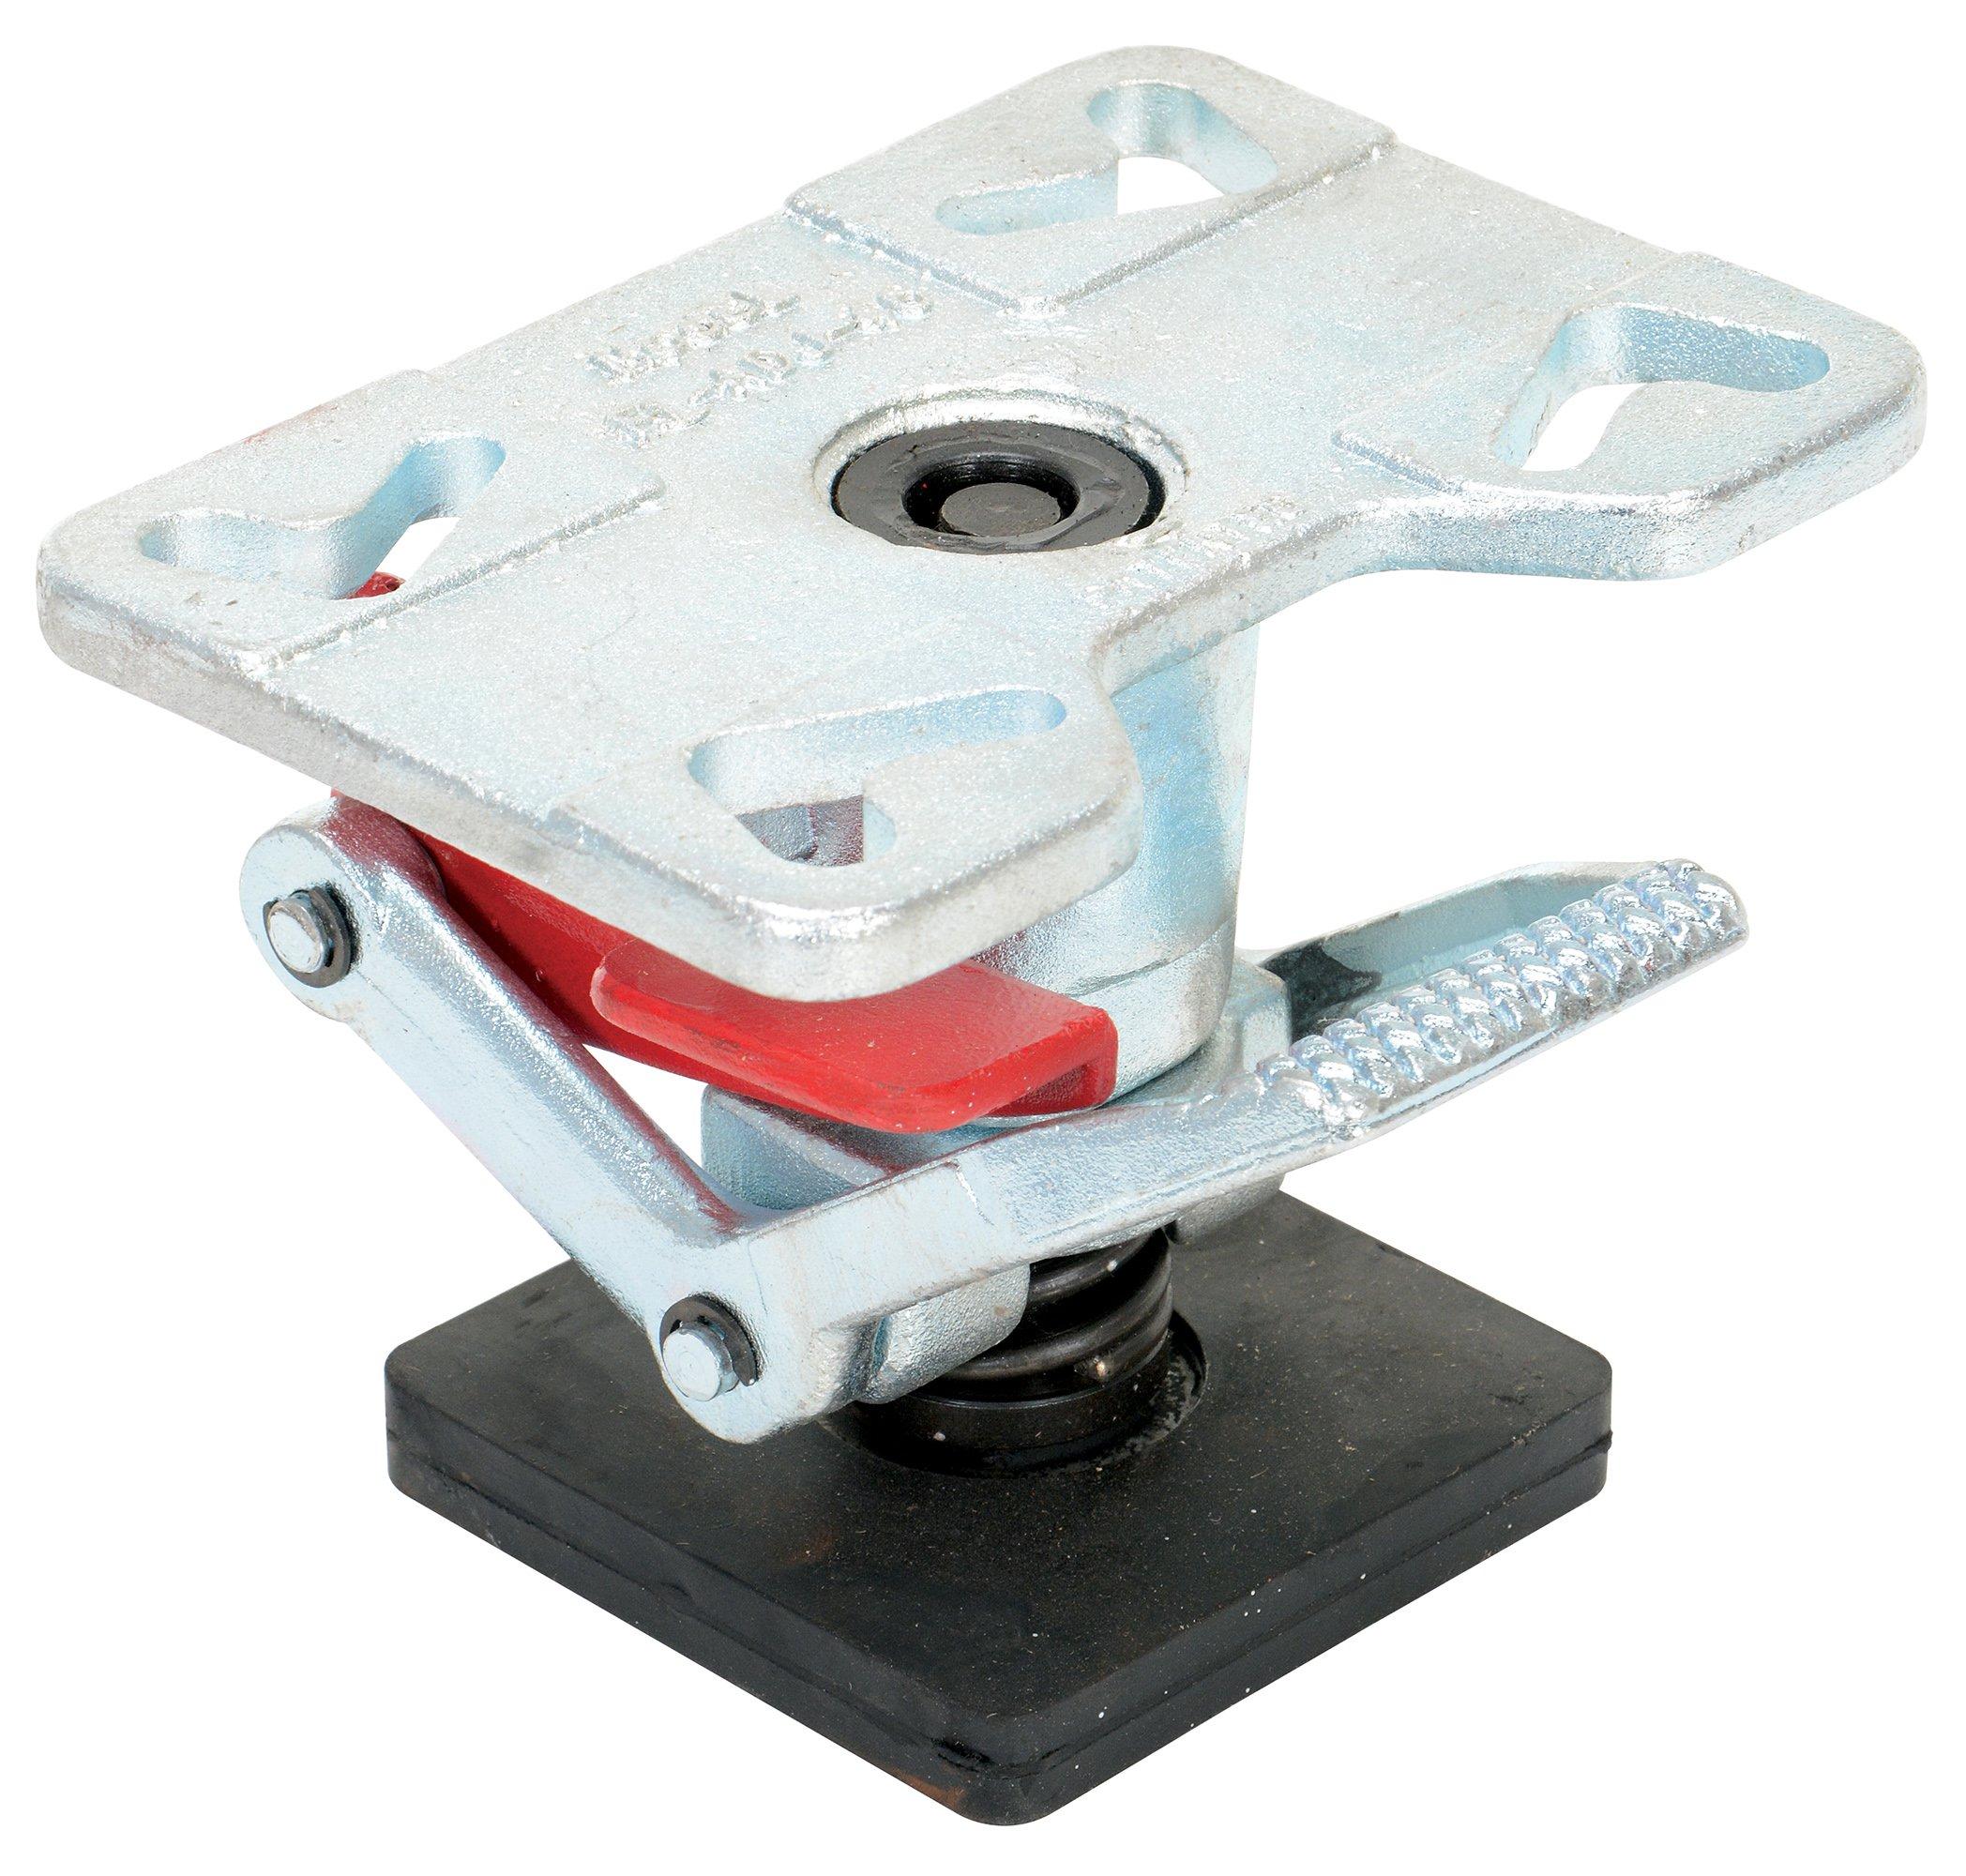 Vestil FL-ADJ-46 Adjustable Height Floor Lock, Heavy Duty Cast Steel, 6-1/4'' - 8'' Extended Height, 5-1/2'' to 7-1/4'' Retracted Height